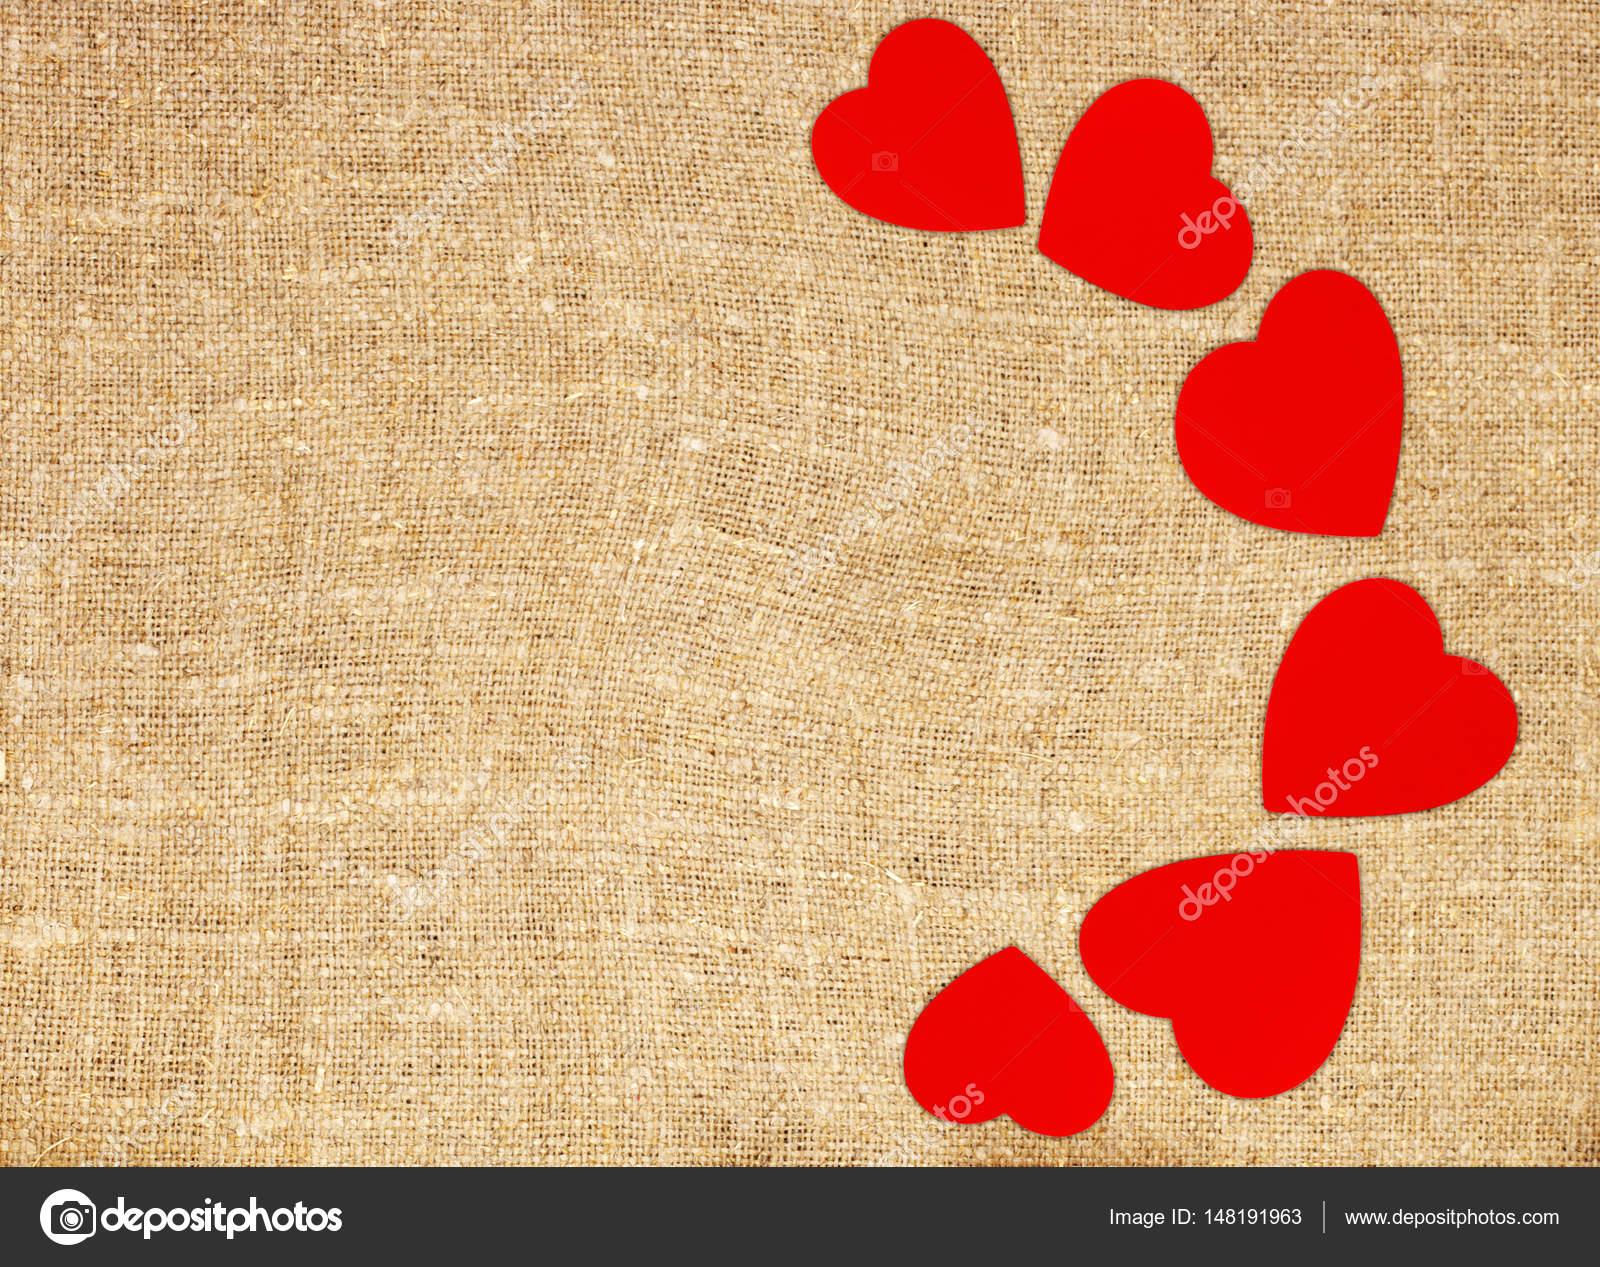 marco de frontera de corazones rojos en saco de lona texto fondo de ...